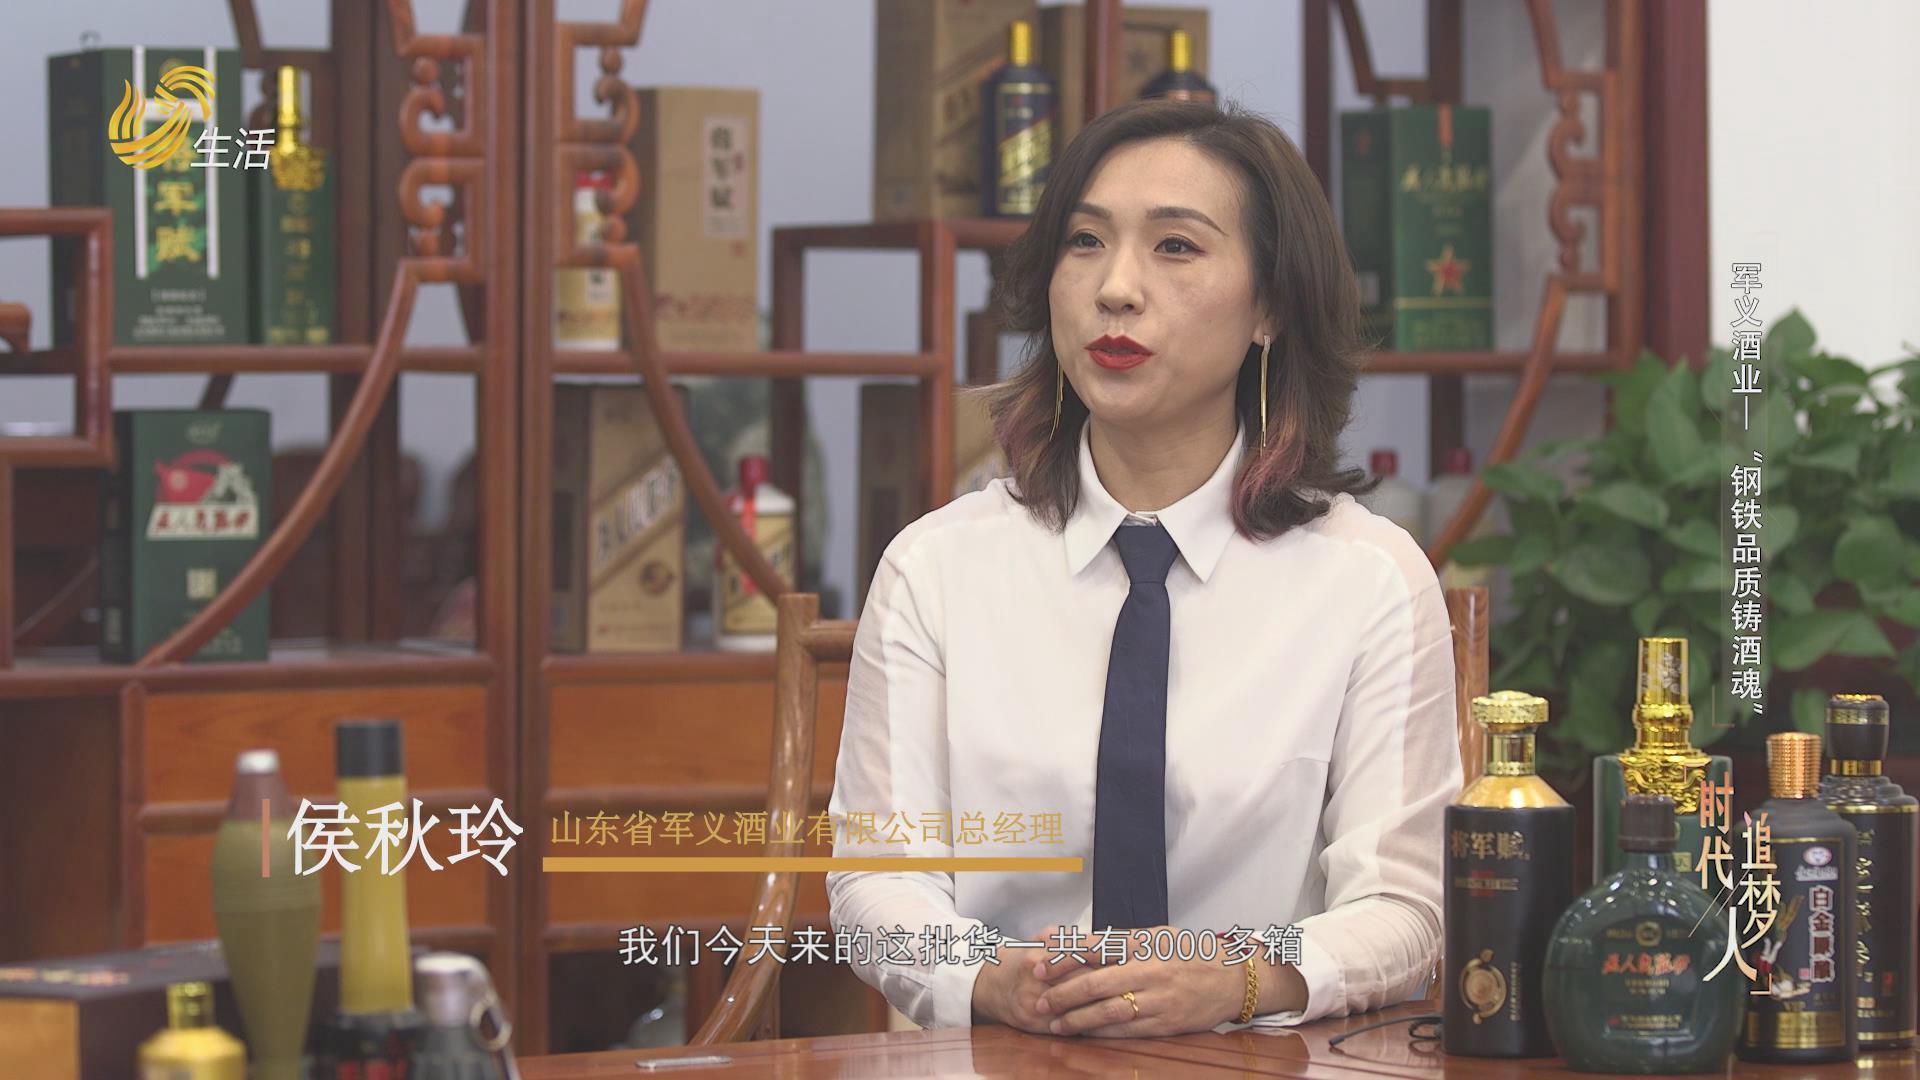 """军义酒业——""""钢铁品质铸酒魂"""""""